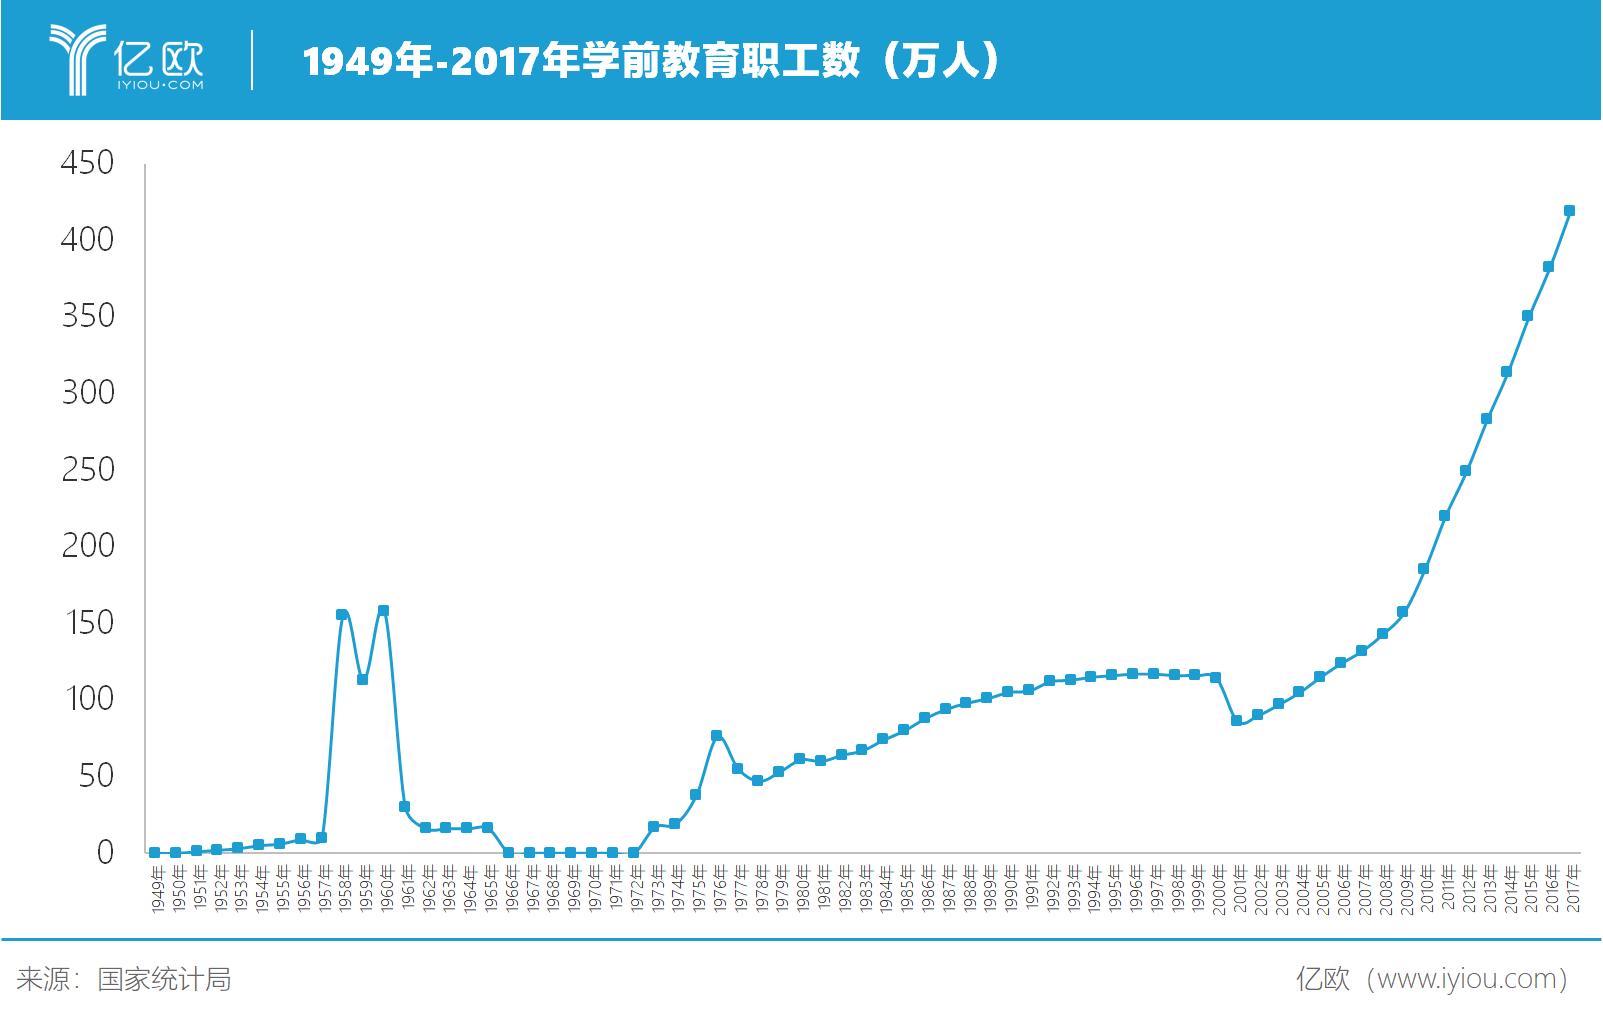 億歐智庫:1949-2017年學前教育職工數